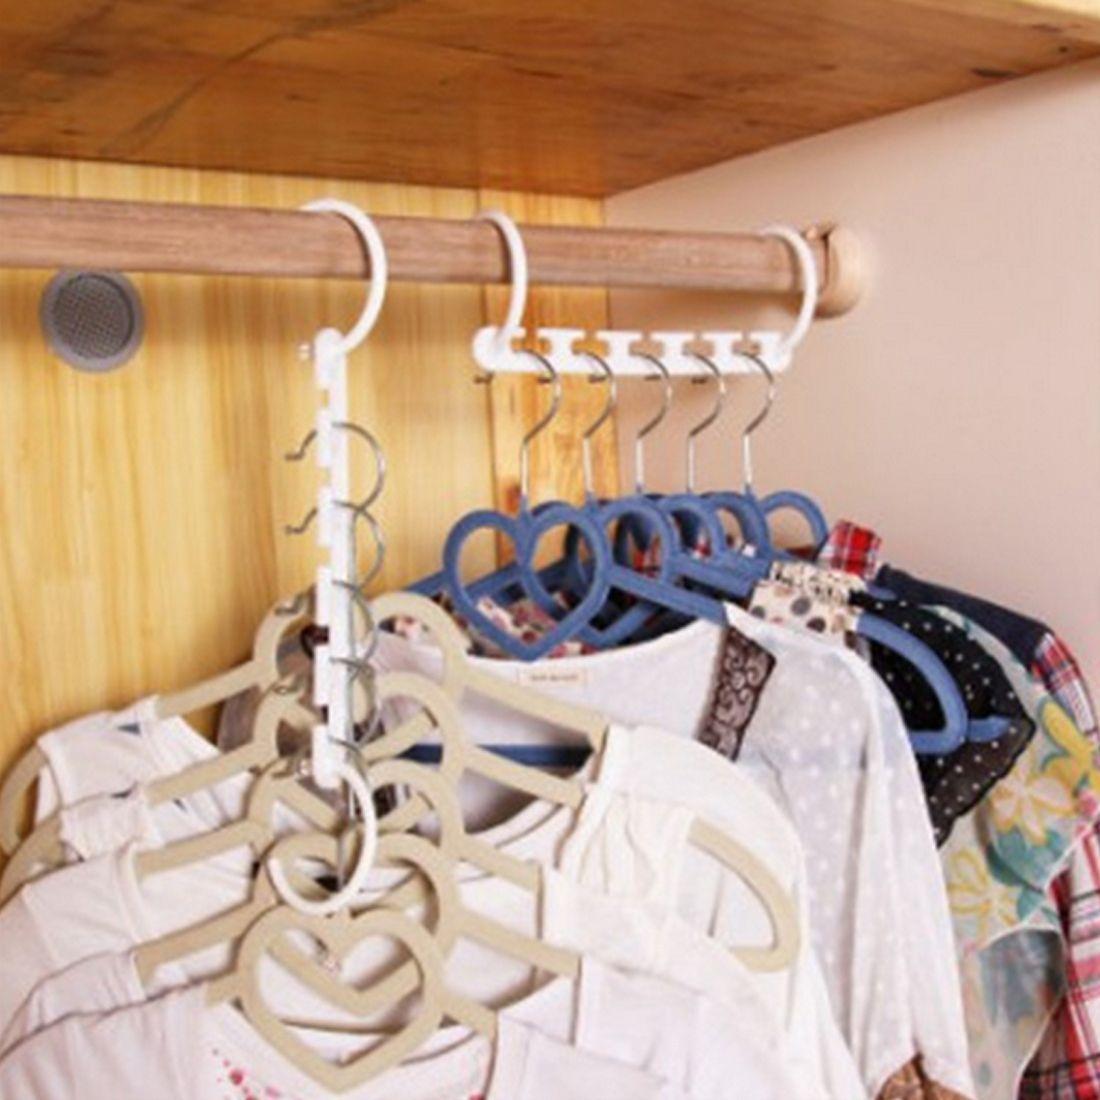 مفيدة 1 قطعة الفضاء إنقاذ شماعات البلاستيك القماش شماعات هوك ماجيك شماعات الملابس مع هوك خزانة المنظم